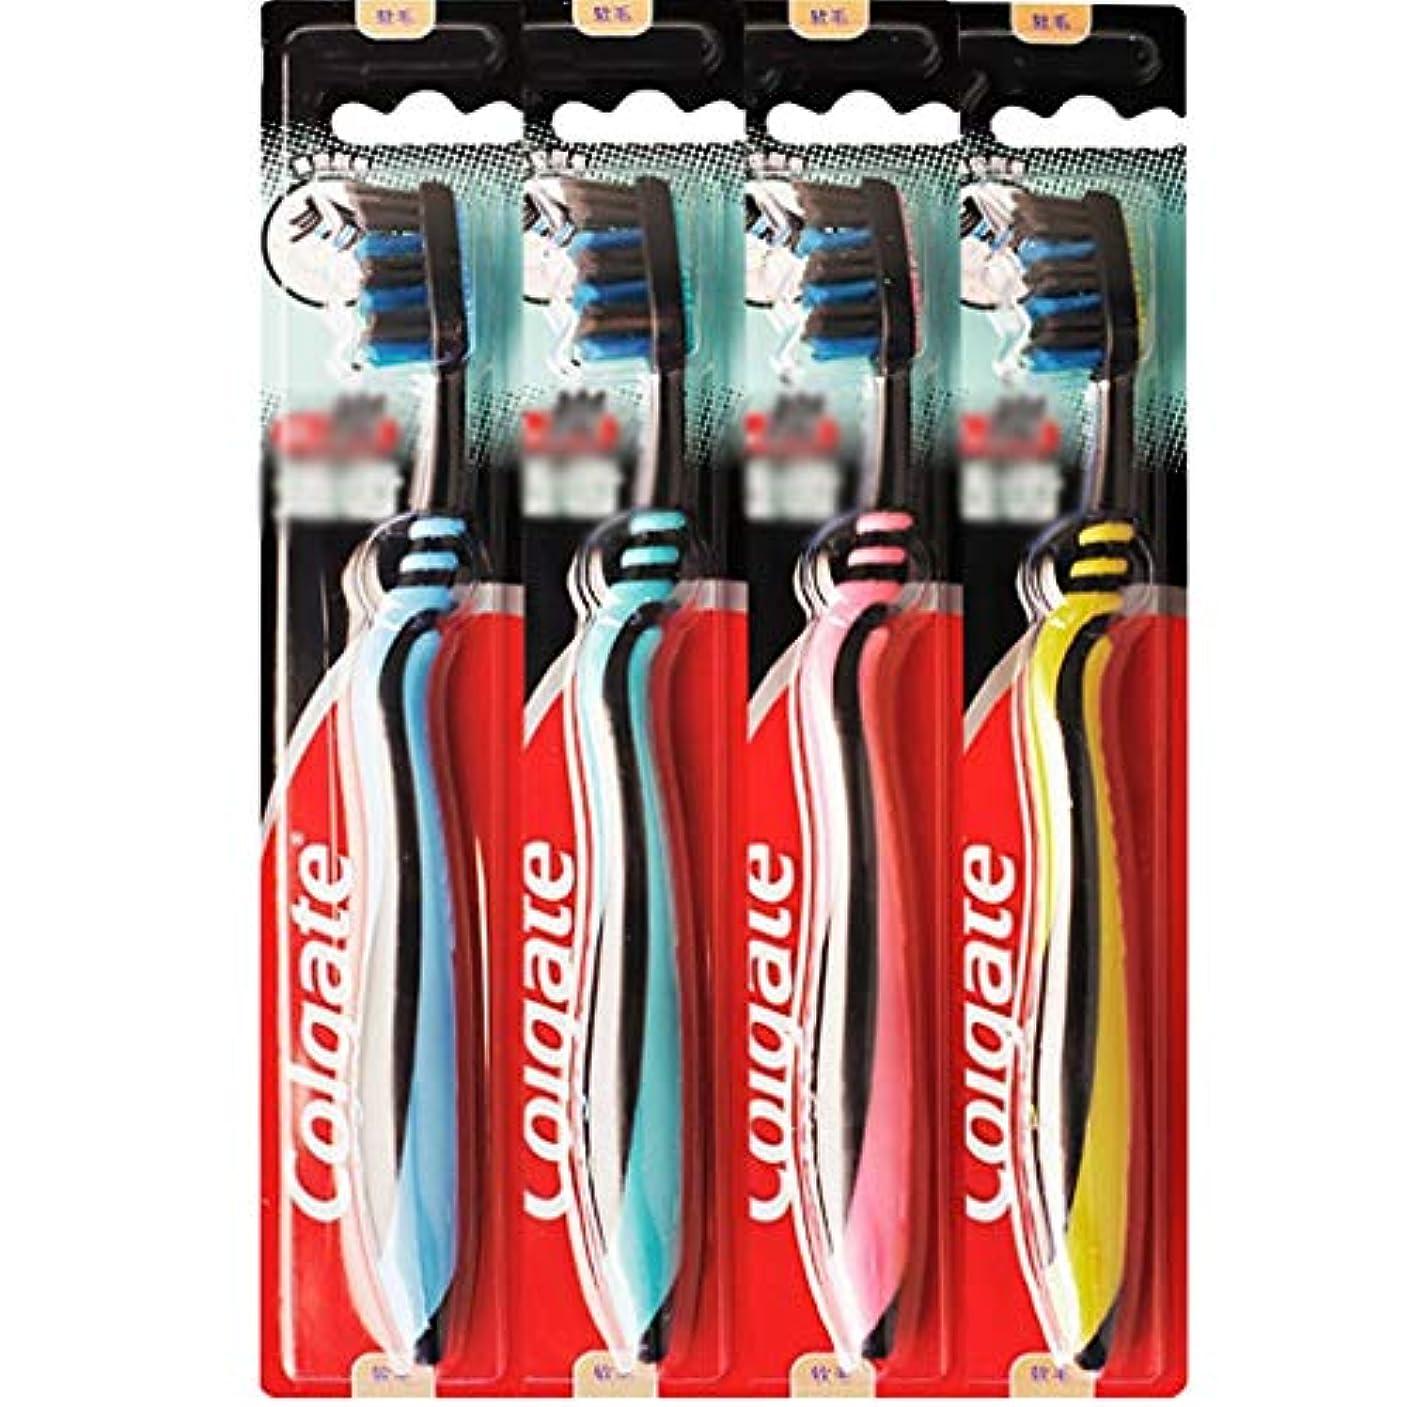 モールス信号代わりにを立てるワイドマルチエフェクト歯ブラシ4大包装、炭と柔らかい髪、歯の深いクリーニング